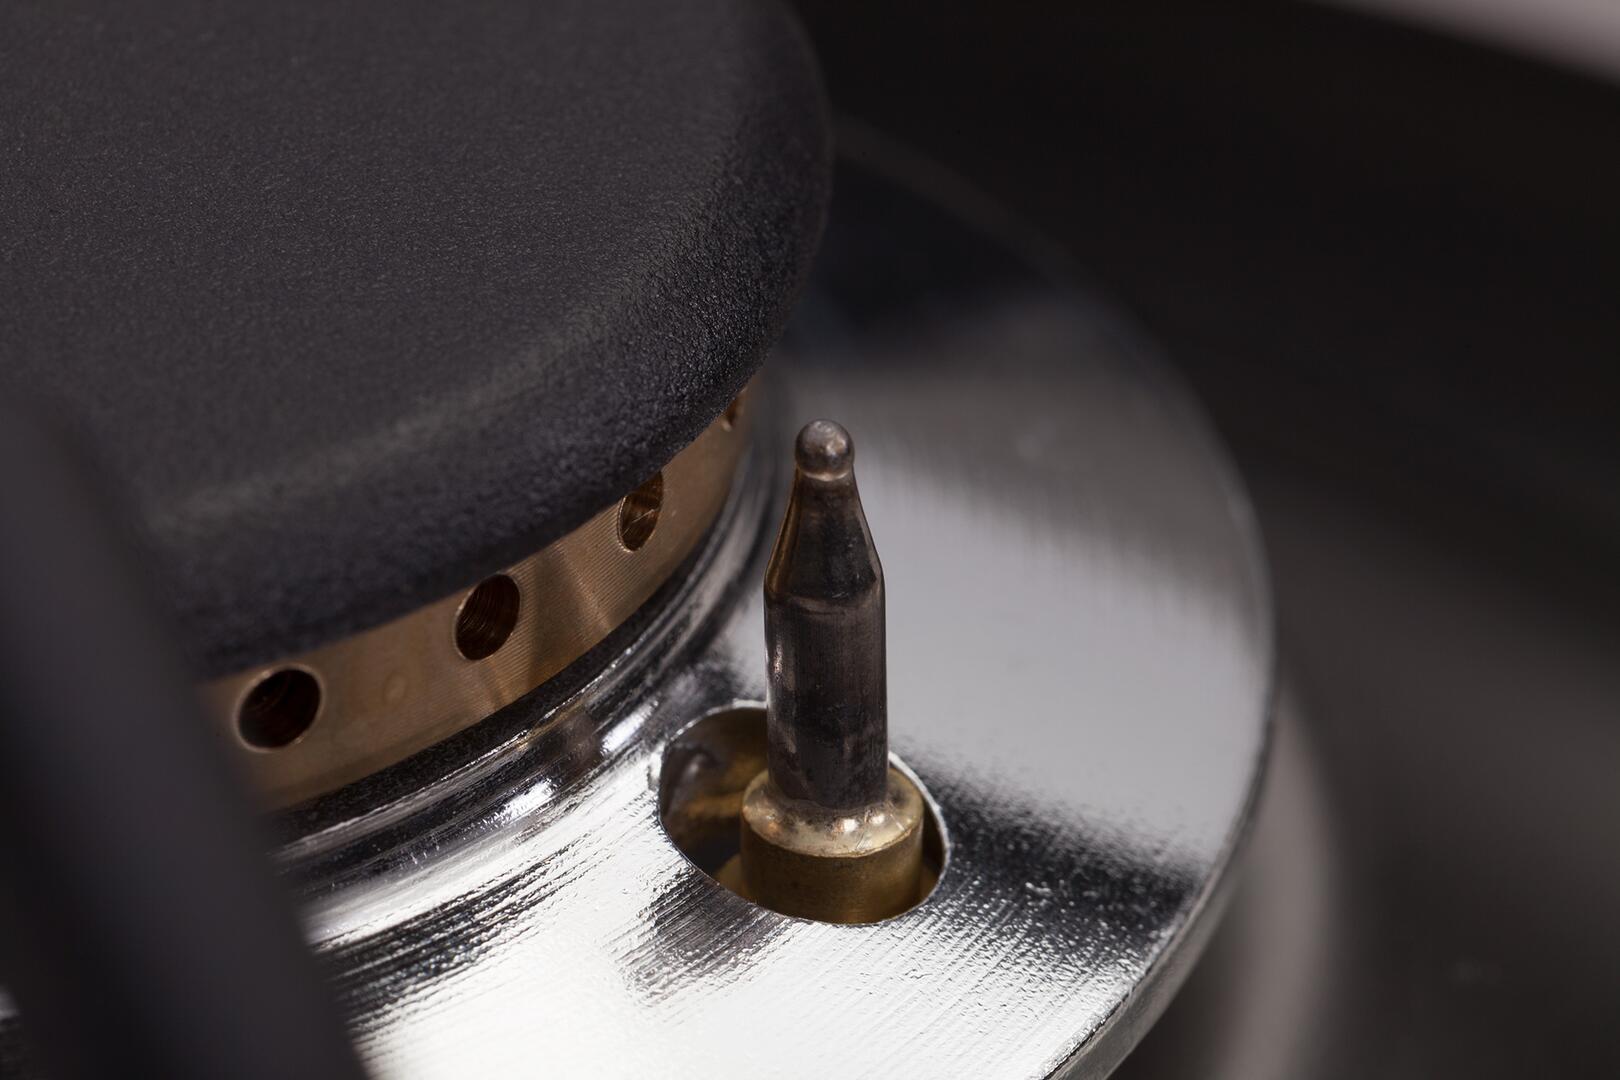 Ilve Nostalgie UPN60DMPN Freestanding Dual Fuel Range Black, 19